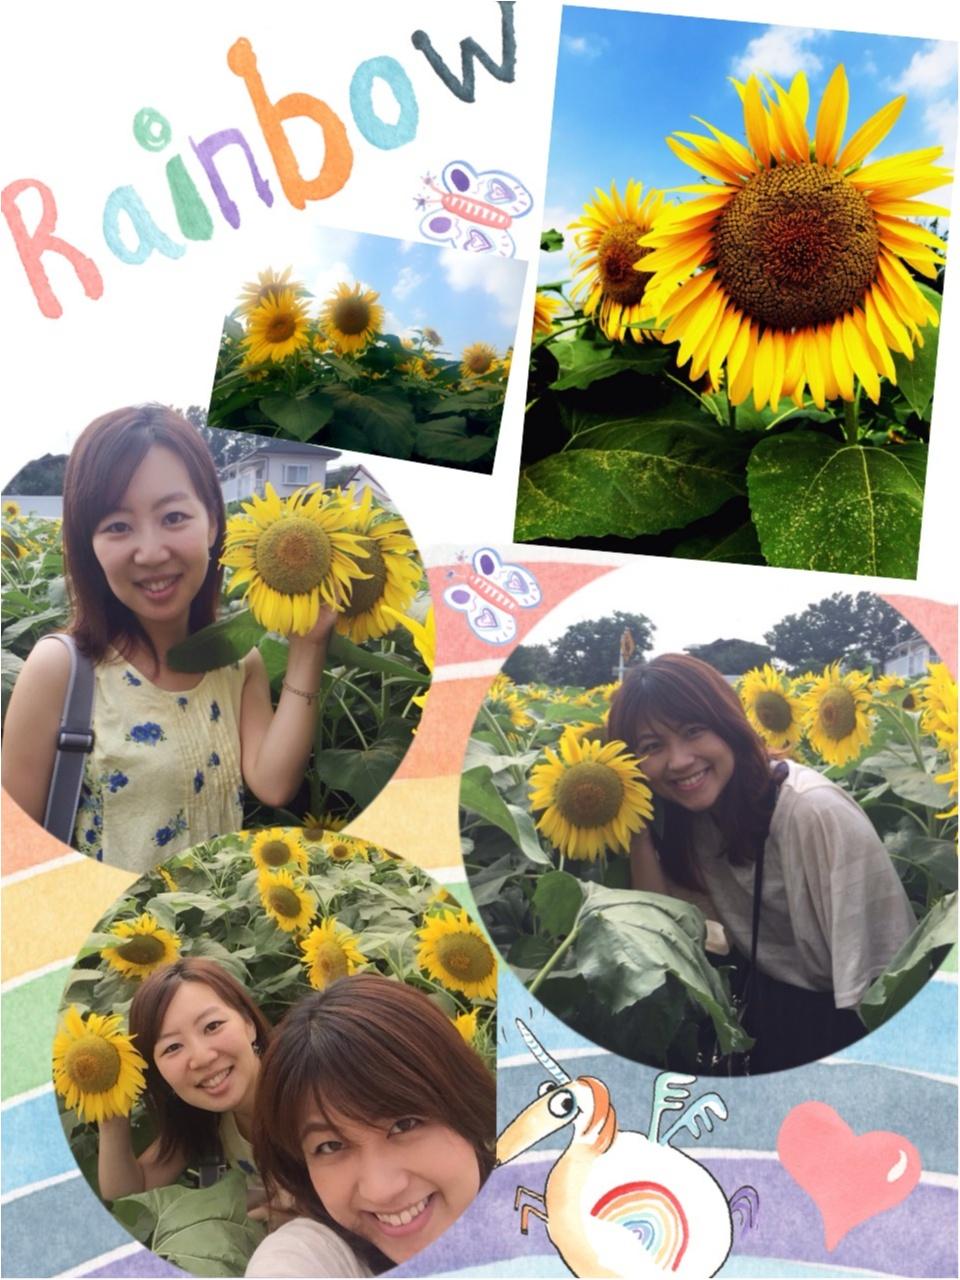 え!東京で?ステキなひまわり畑が!!!一面ひまわり\(//∇//)\_7